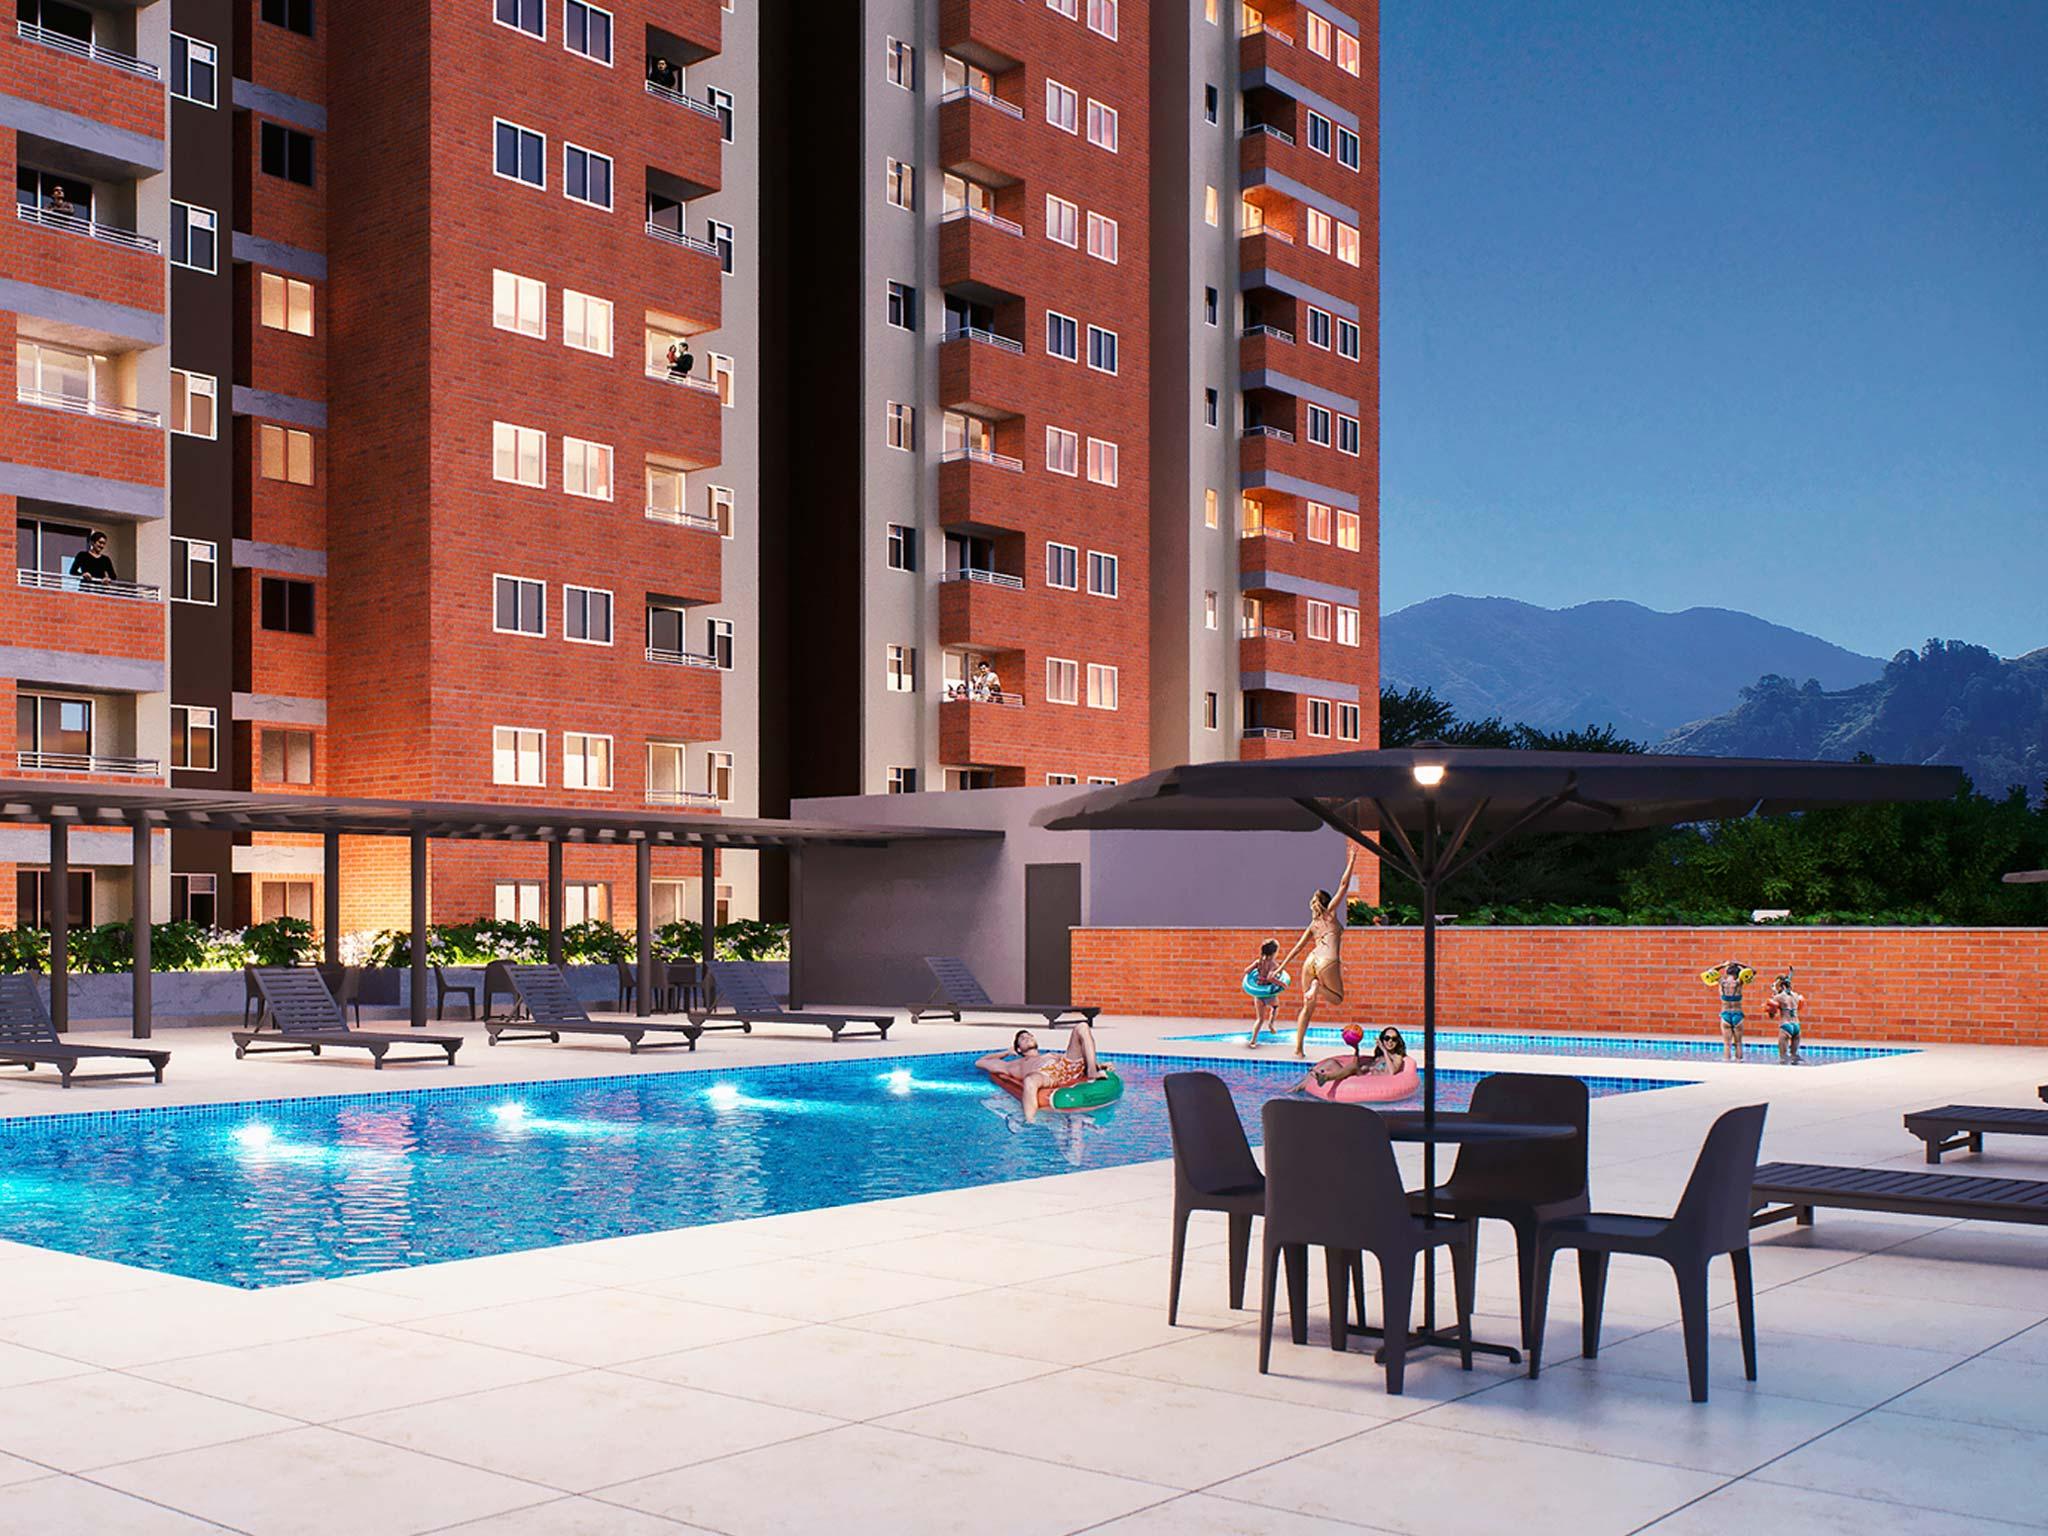 Reserva del Parque Proyecto de apartamentos en venta en Itagui - Medellin